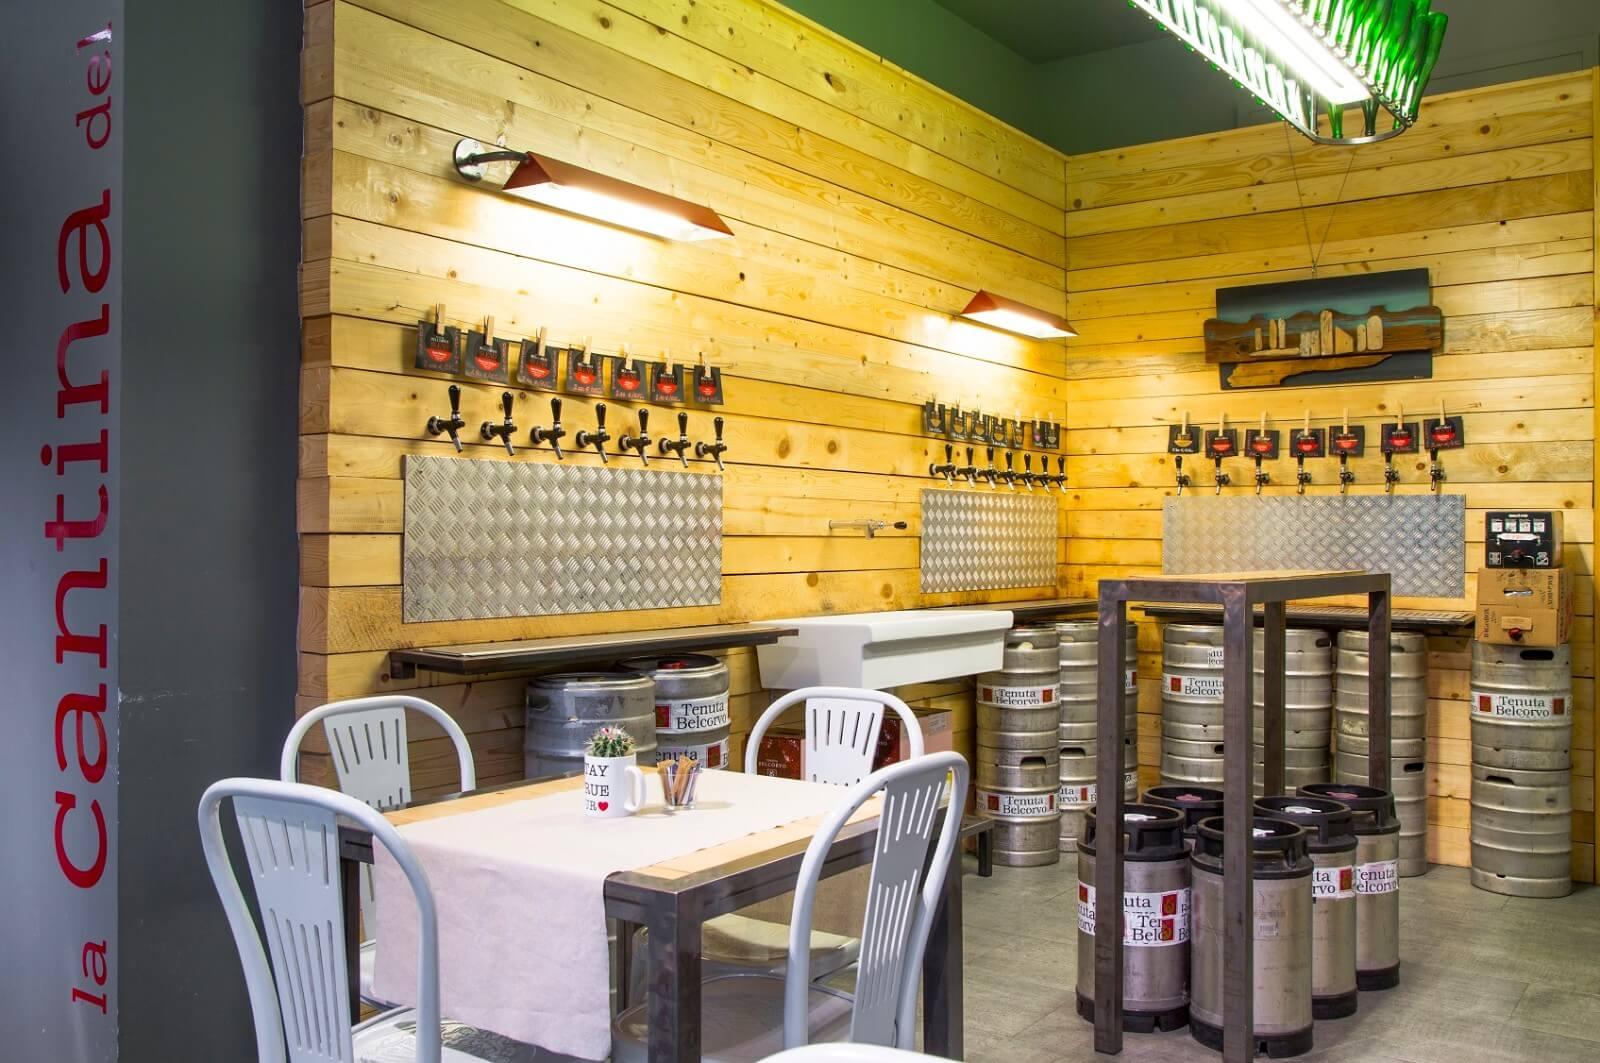 Interno del ristorante, barili di birra e bocche di birra nella parete